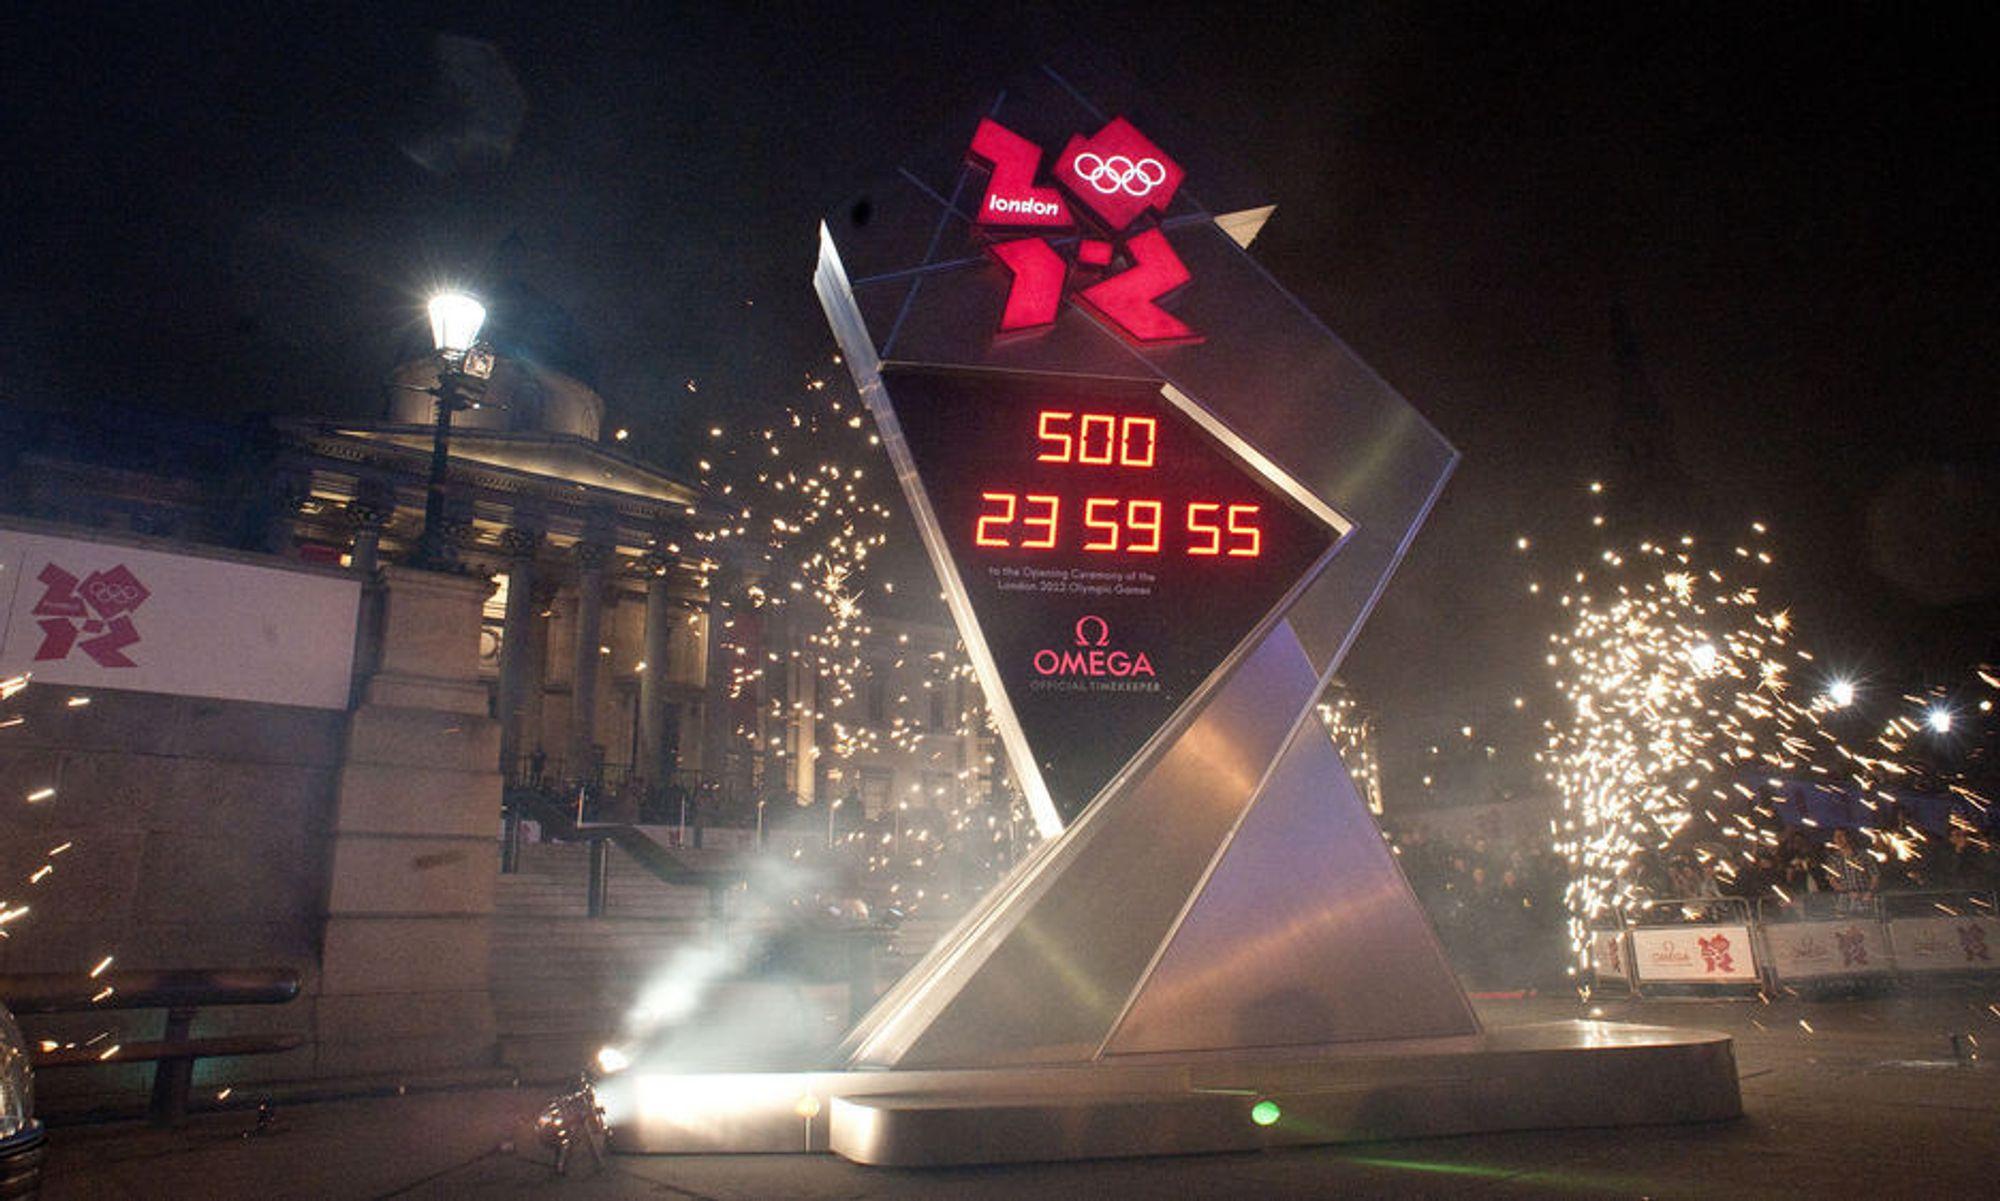 AVDUKET: Nedtellingsklokken til London-OL ble avduket i en flott sermoni mandag kveld, og startet nedtellingen 500 dager før OL begynner. Men det tok ikke lang tid før den stoppet igjen.